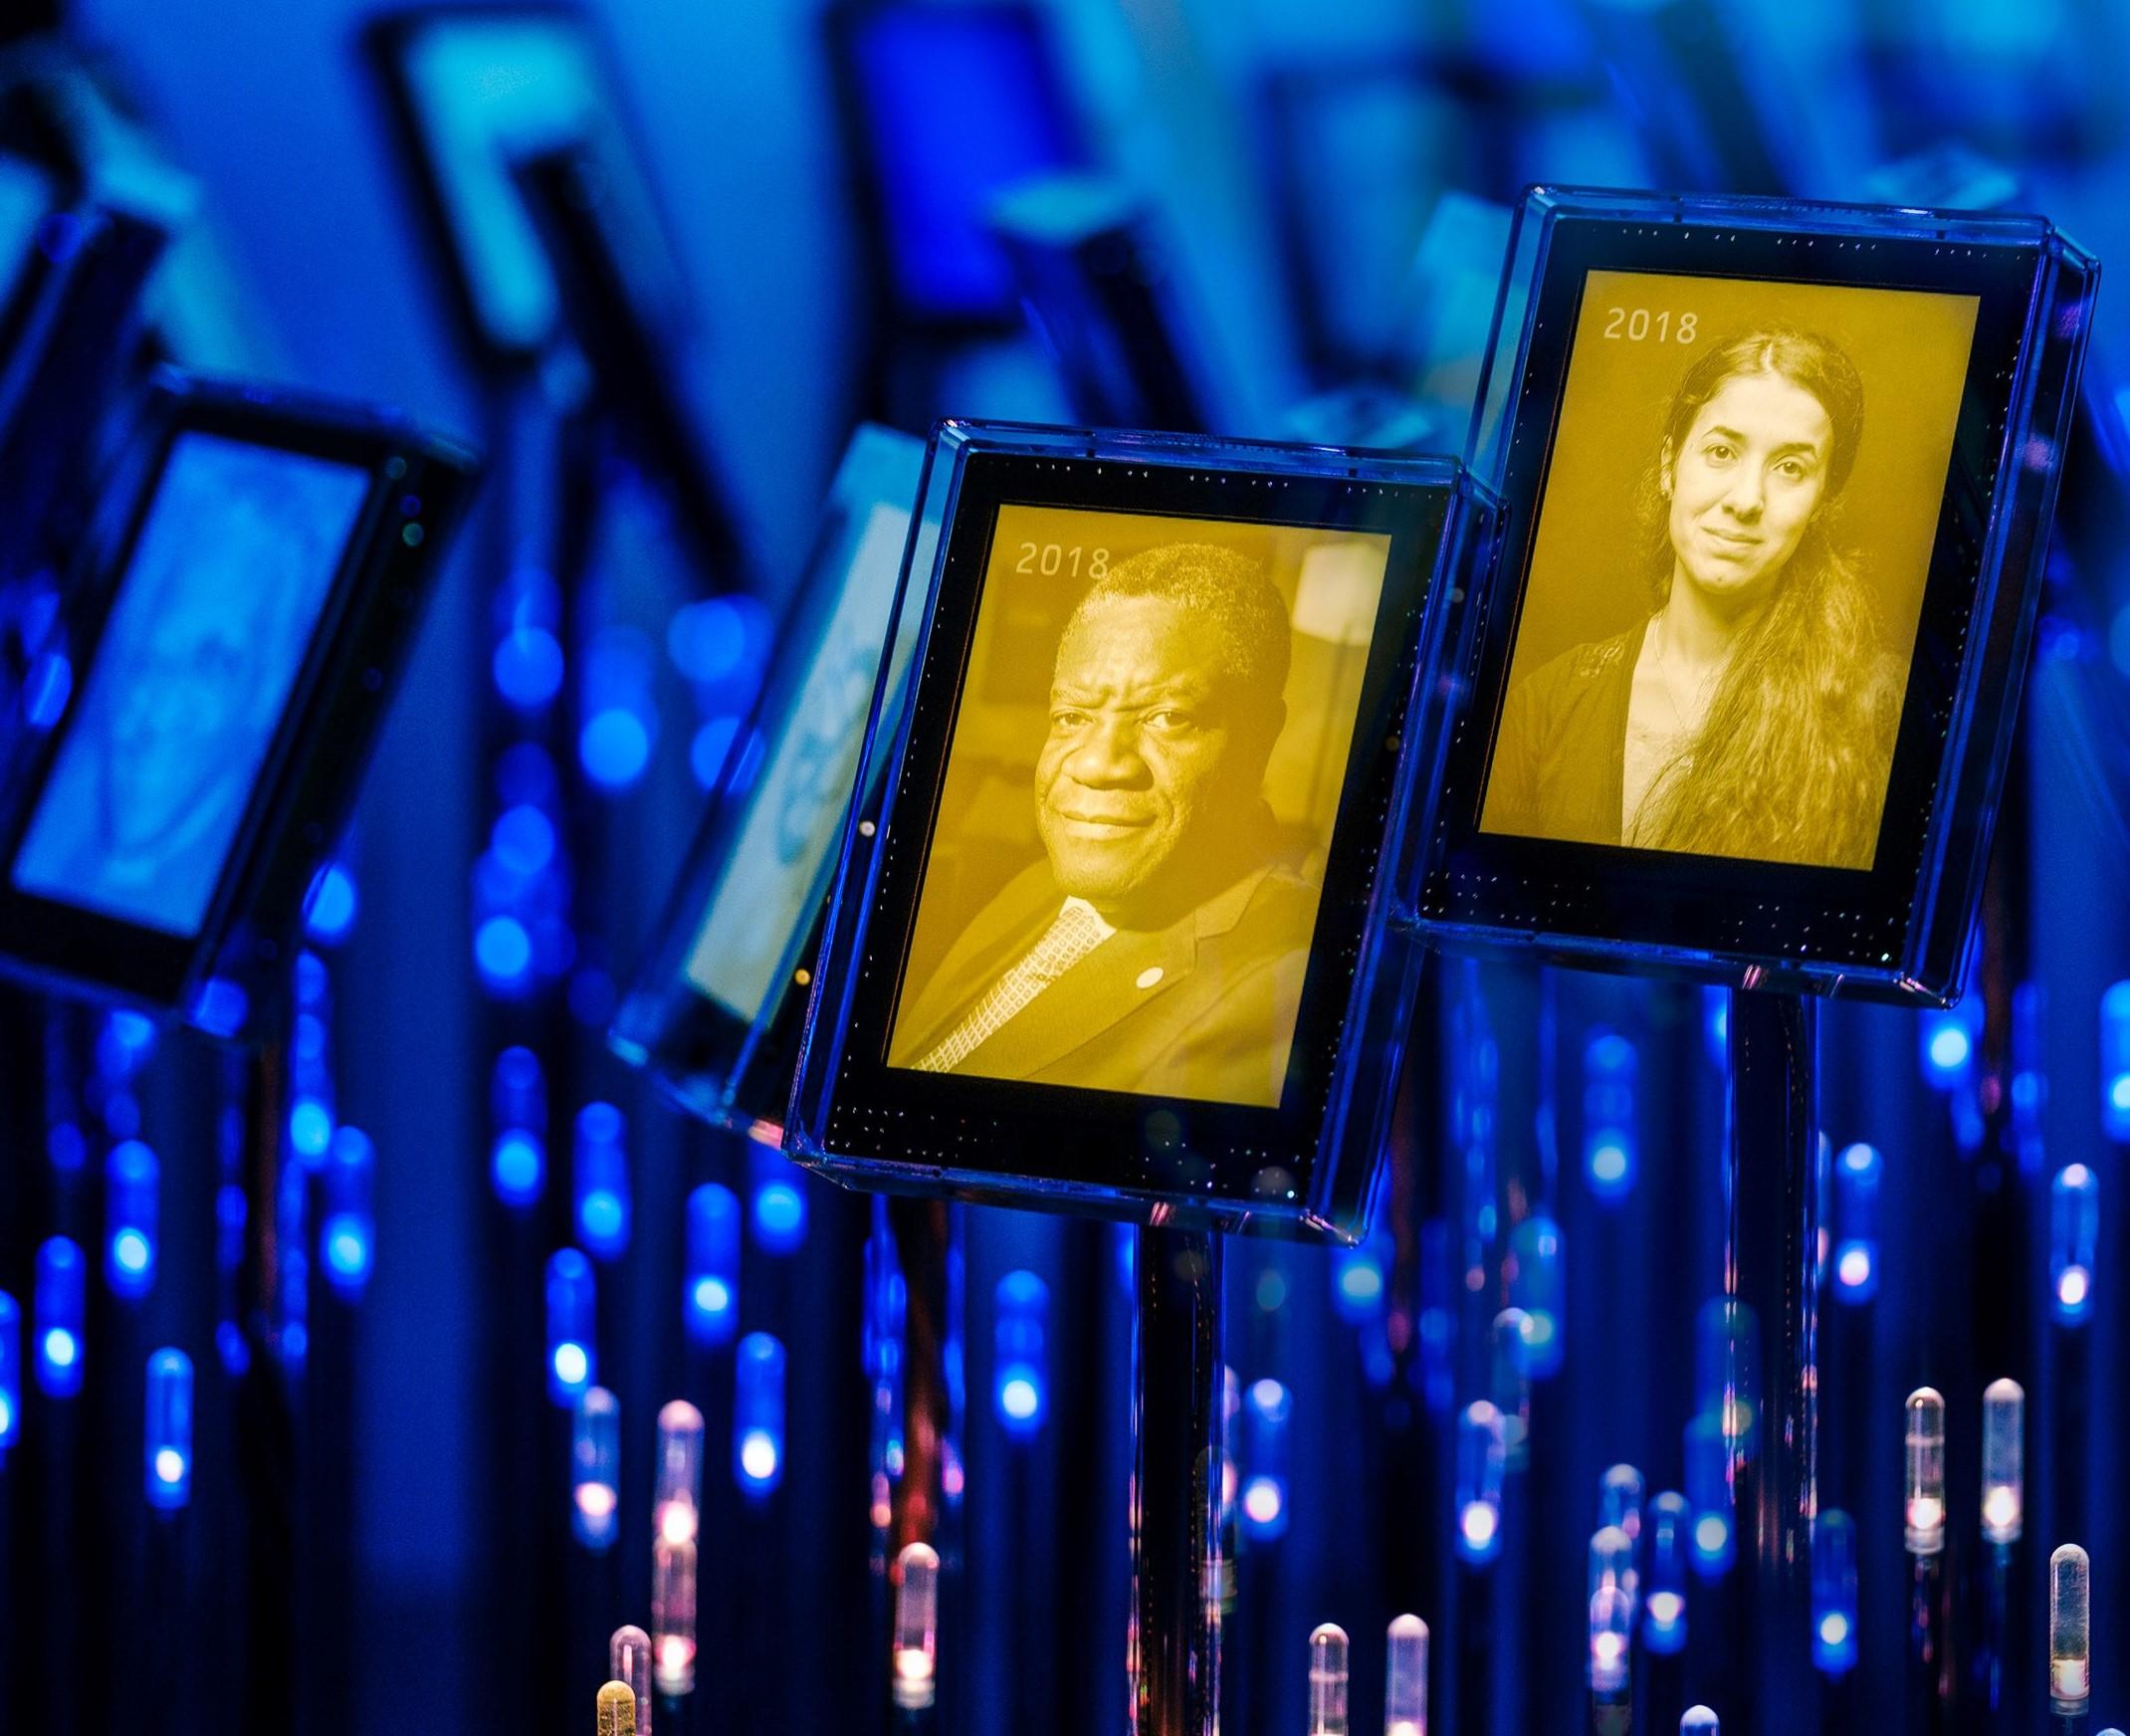 El Premio Nobel de la Paz - Oslo, Noruega 10 de diciembre